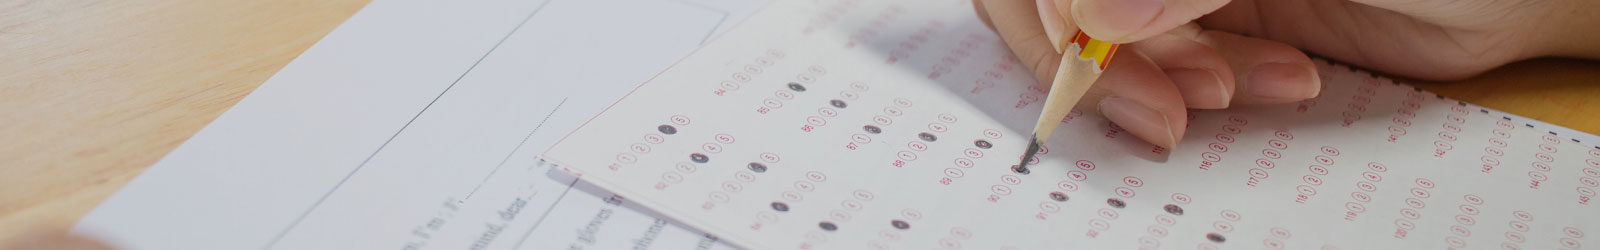 Study Aids & Exam Prep